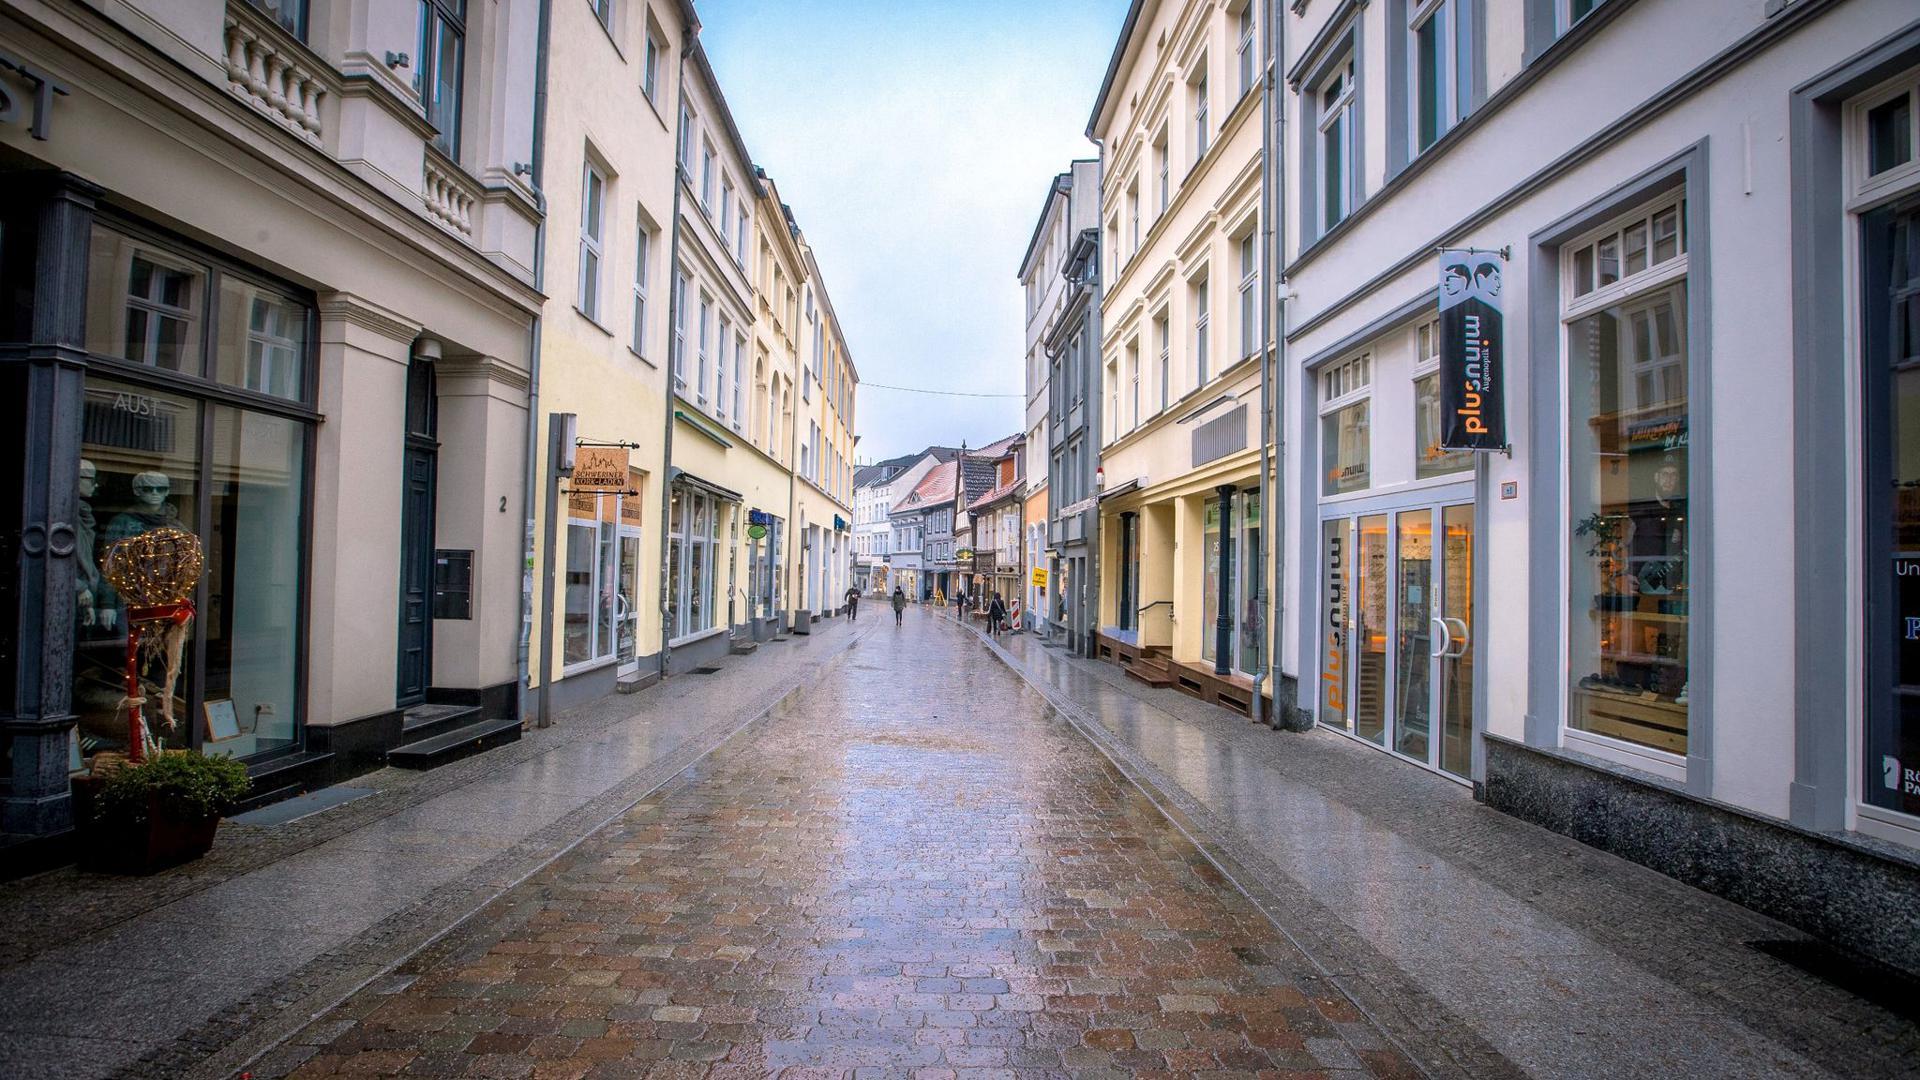 Auf der Schmiedestraße in der Schweriner Innenstadt sind wegen des Lockdowns nur wenige Menschen unterwegs.